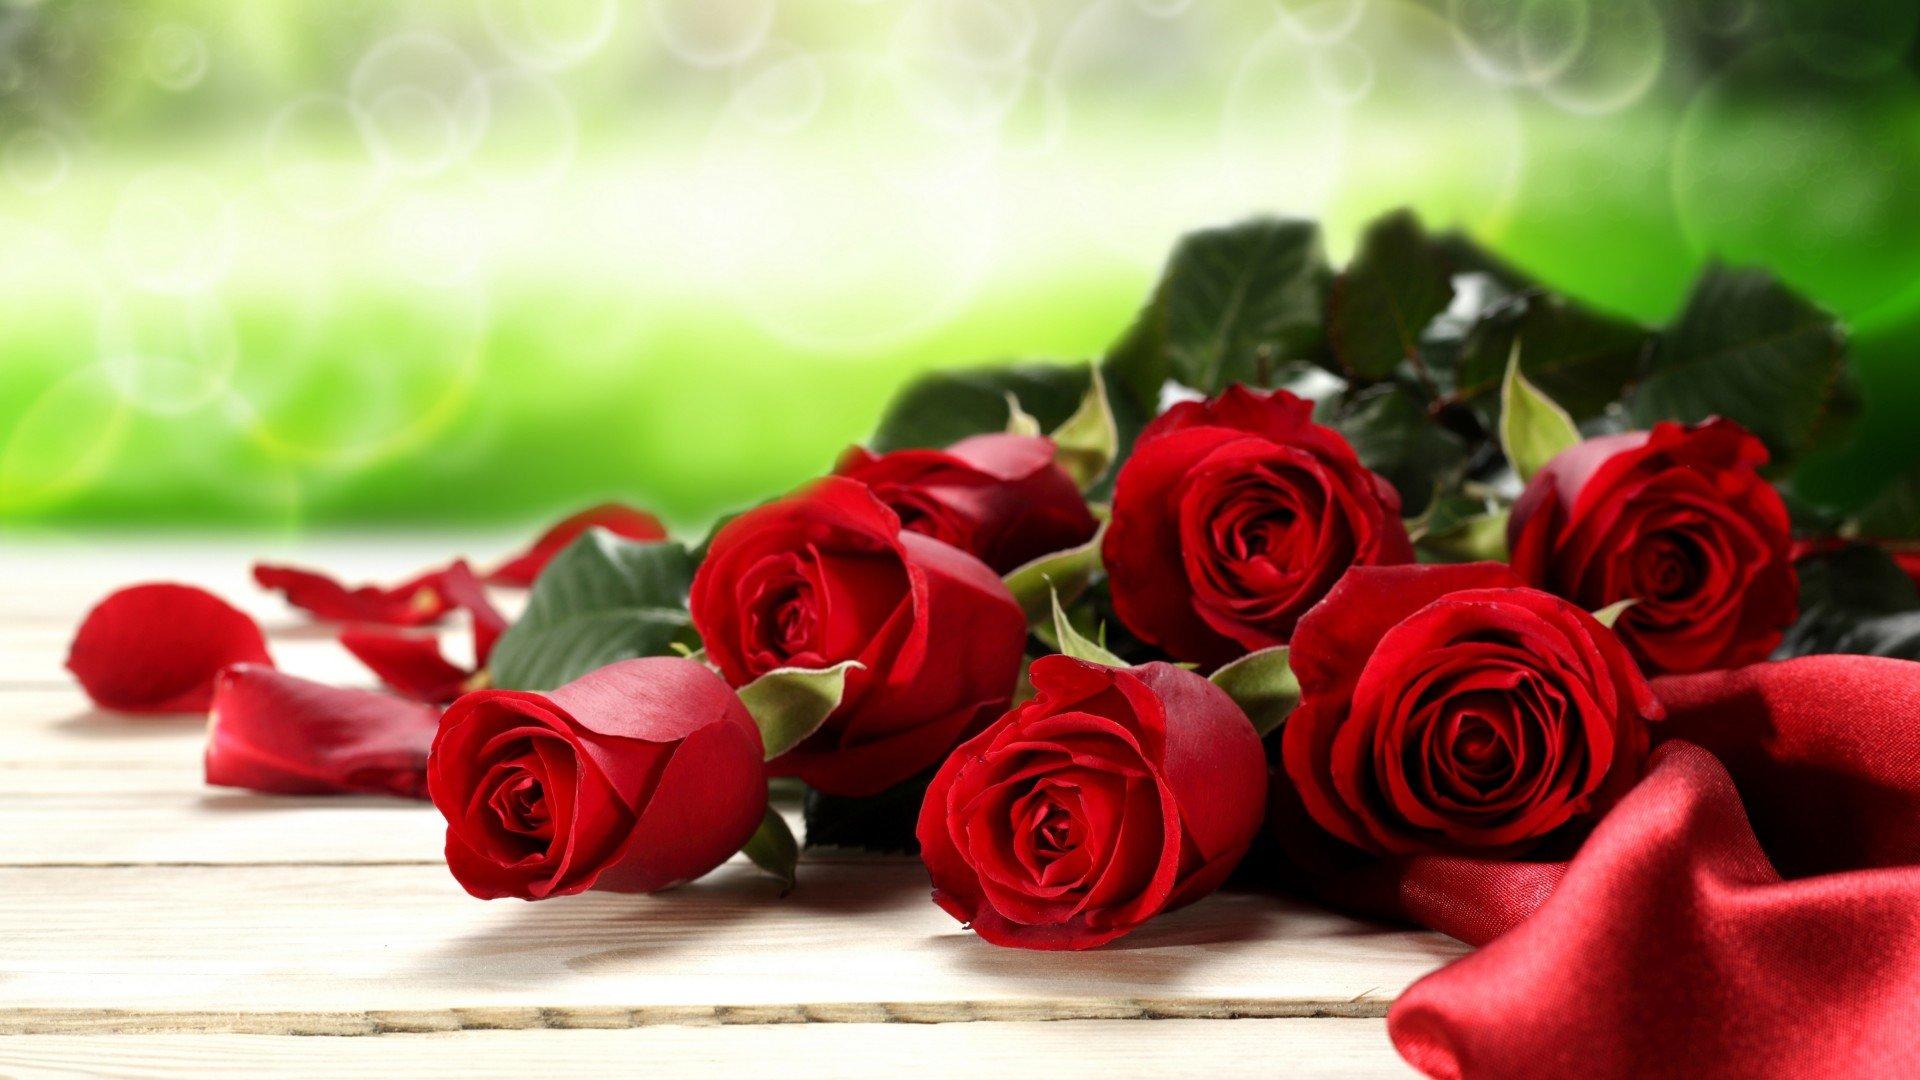 rüyada çiçek görmek 6